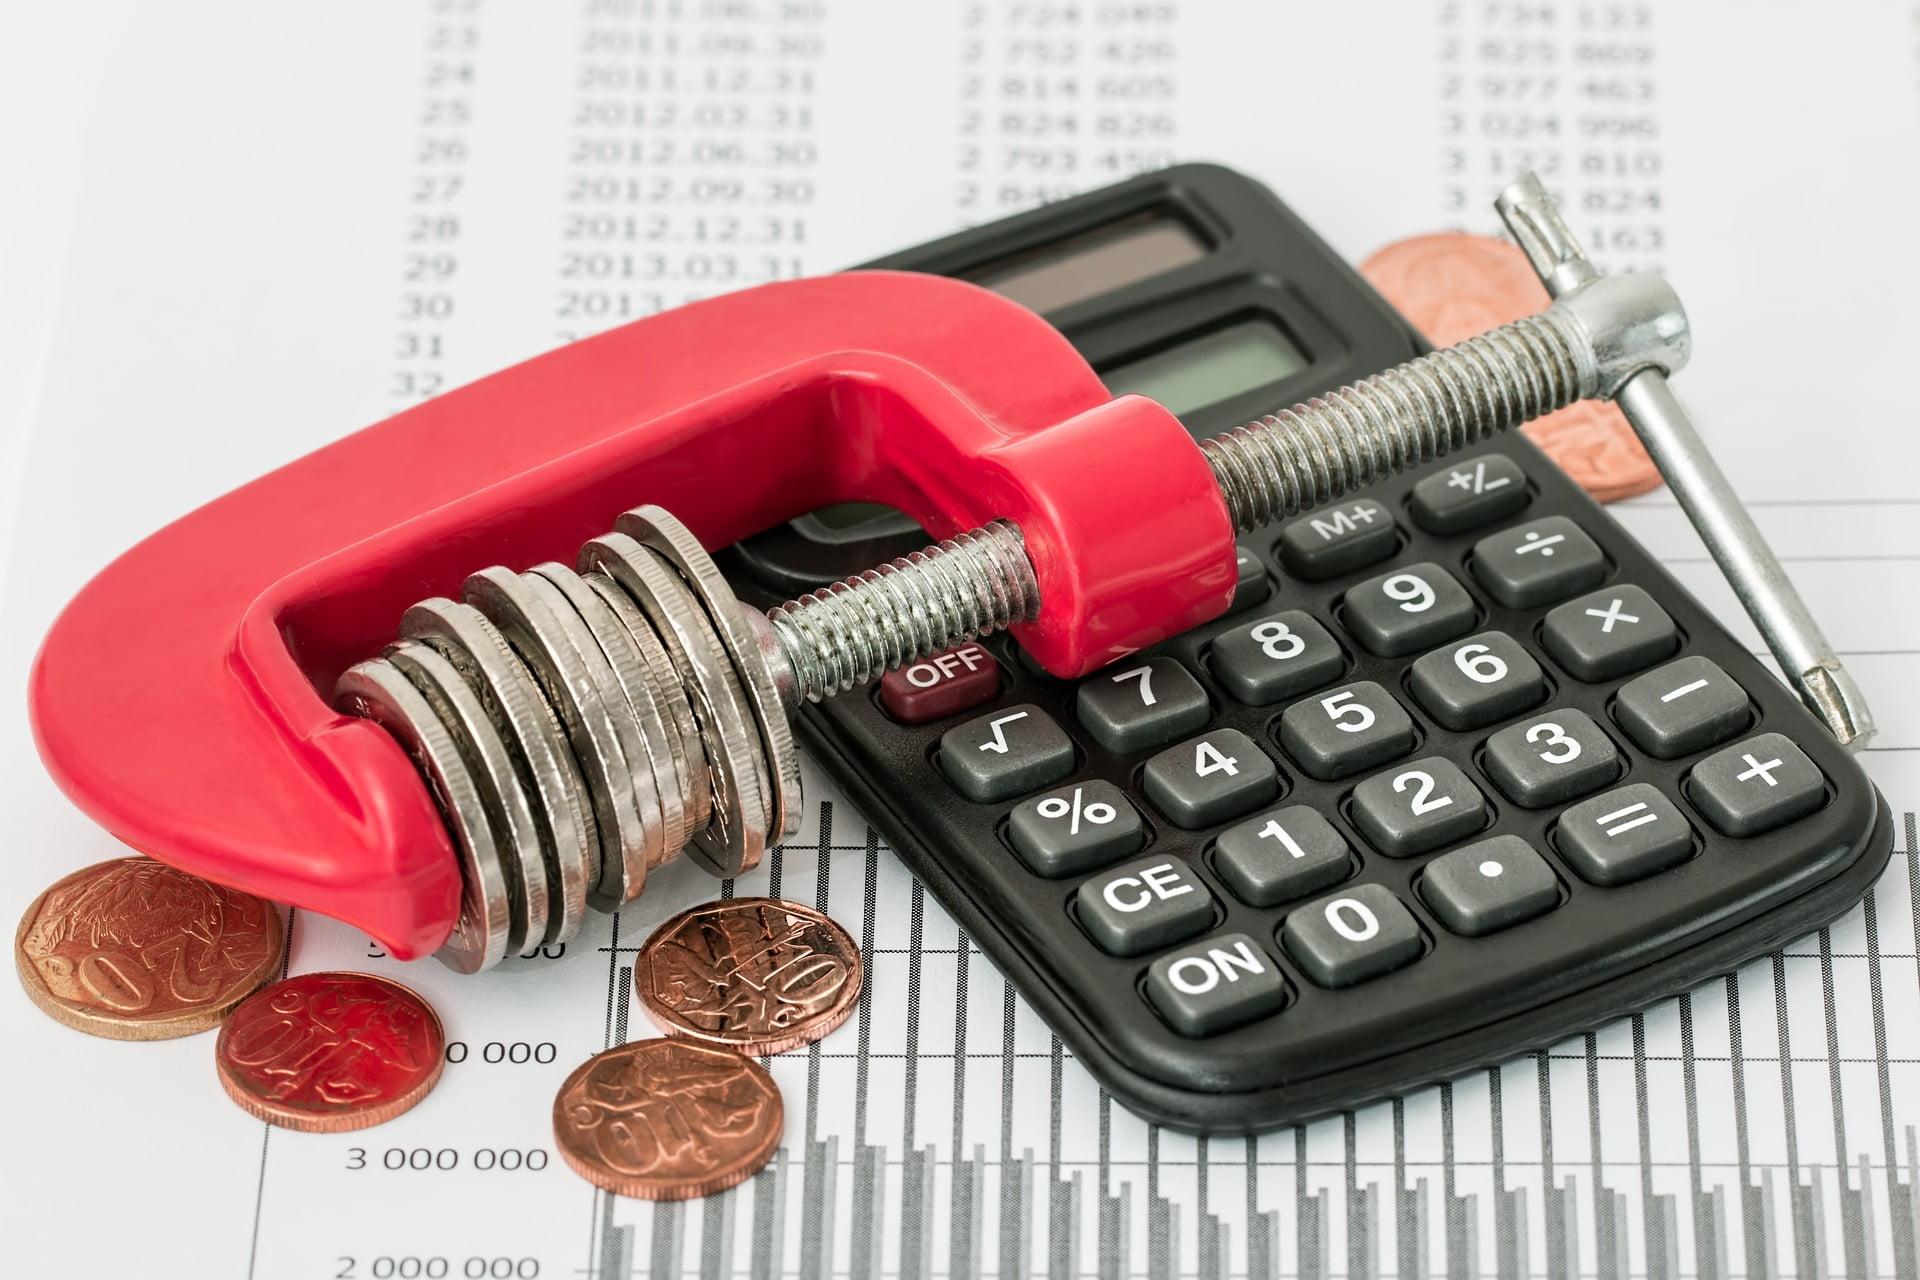 Jämför lån upp till 600 000 kr hos Aros Finans